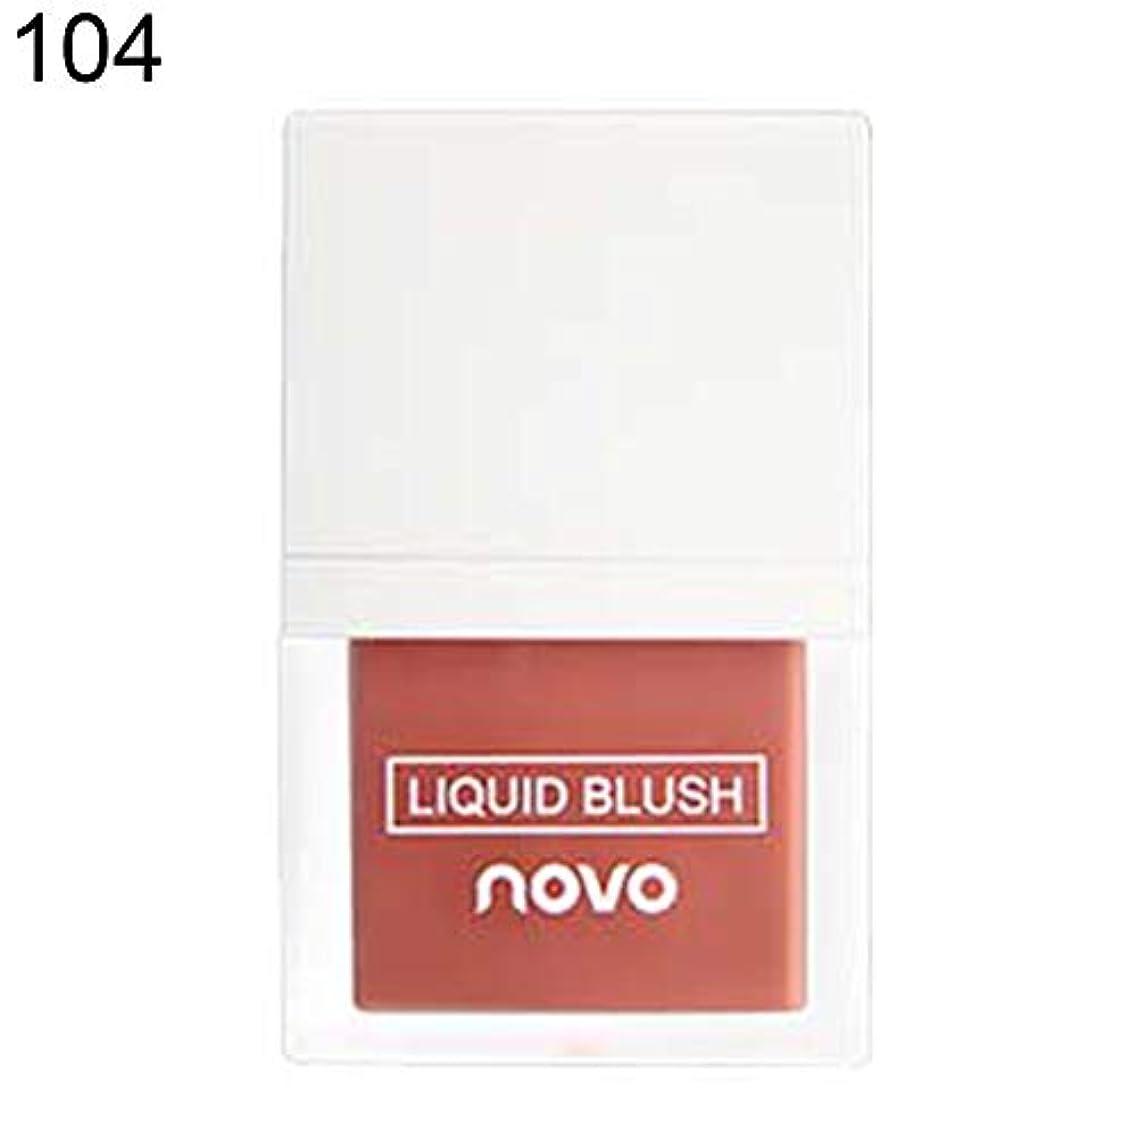 NOVO輝く長続きがする液体赤面保湿ナチュラルフェイス輪郭メイク - 4